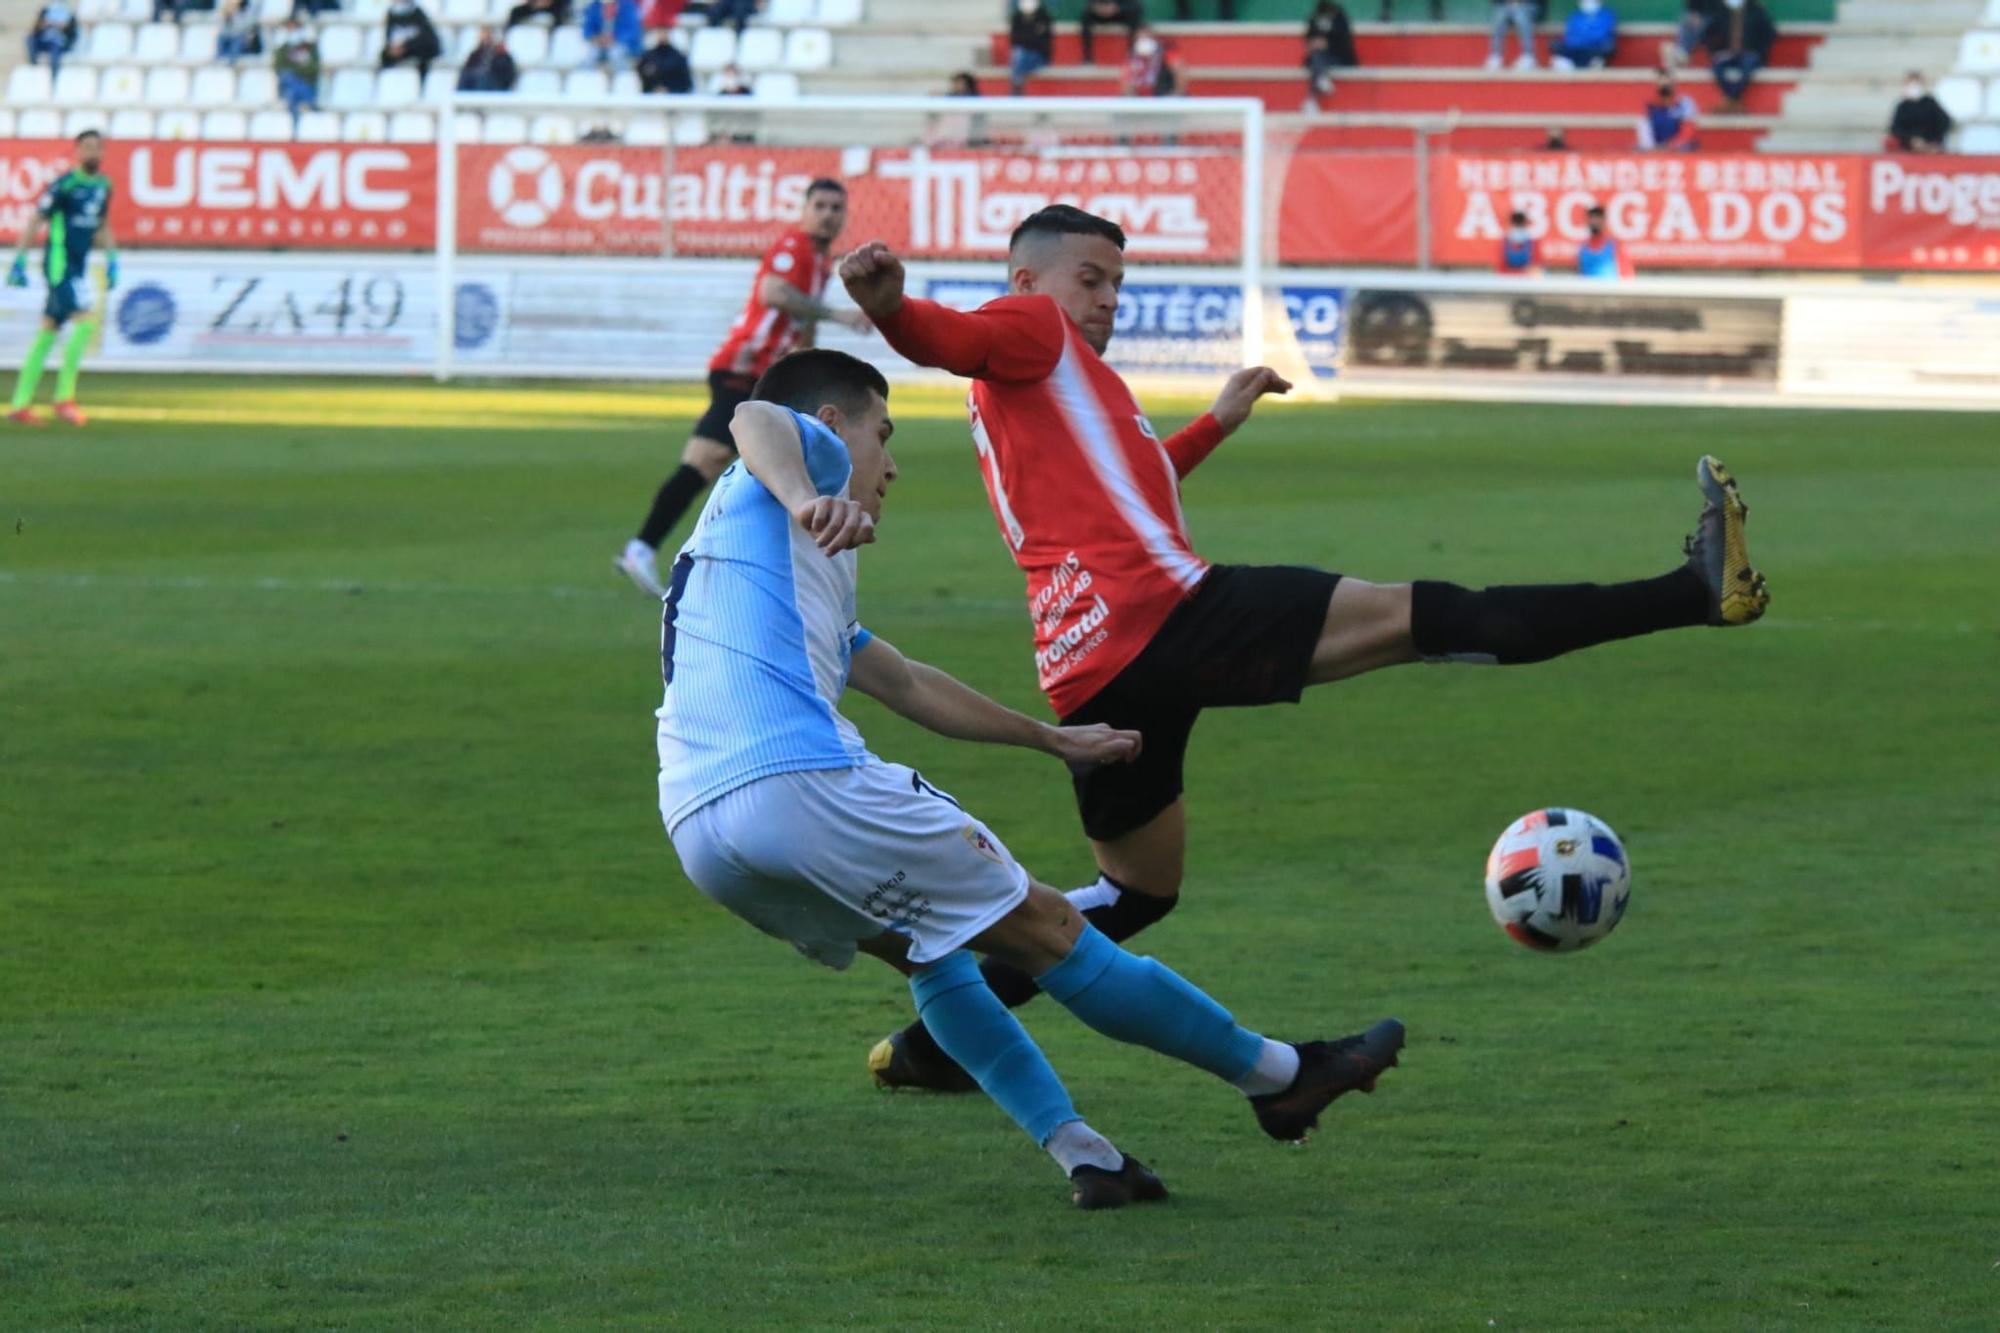 GALERÍA | Los mejores momentos del Zamora CF-Compostela